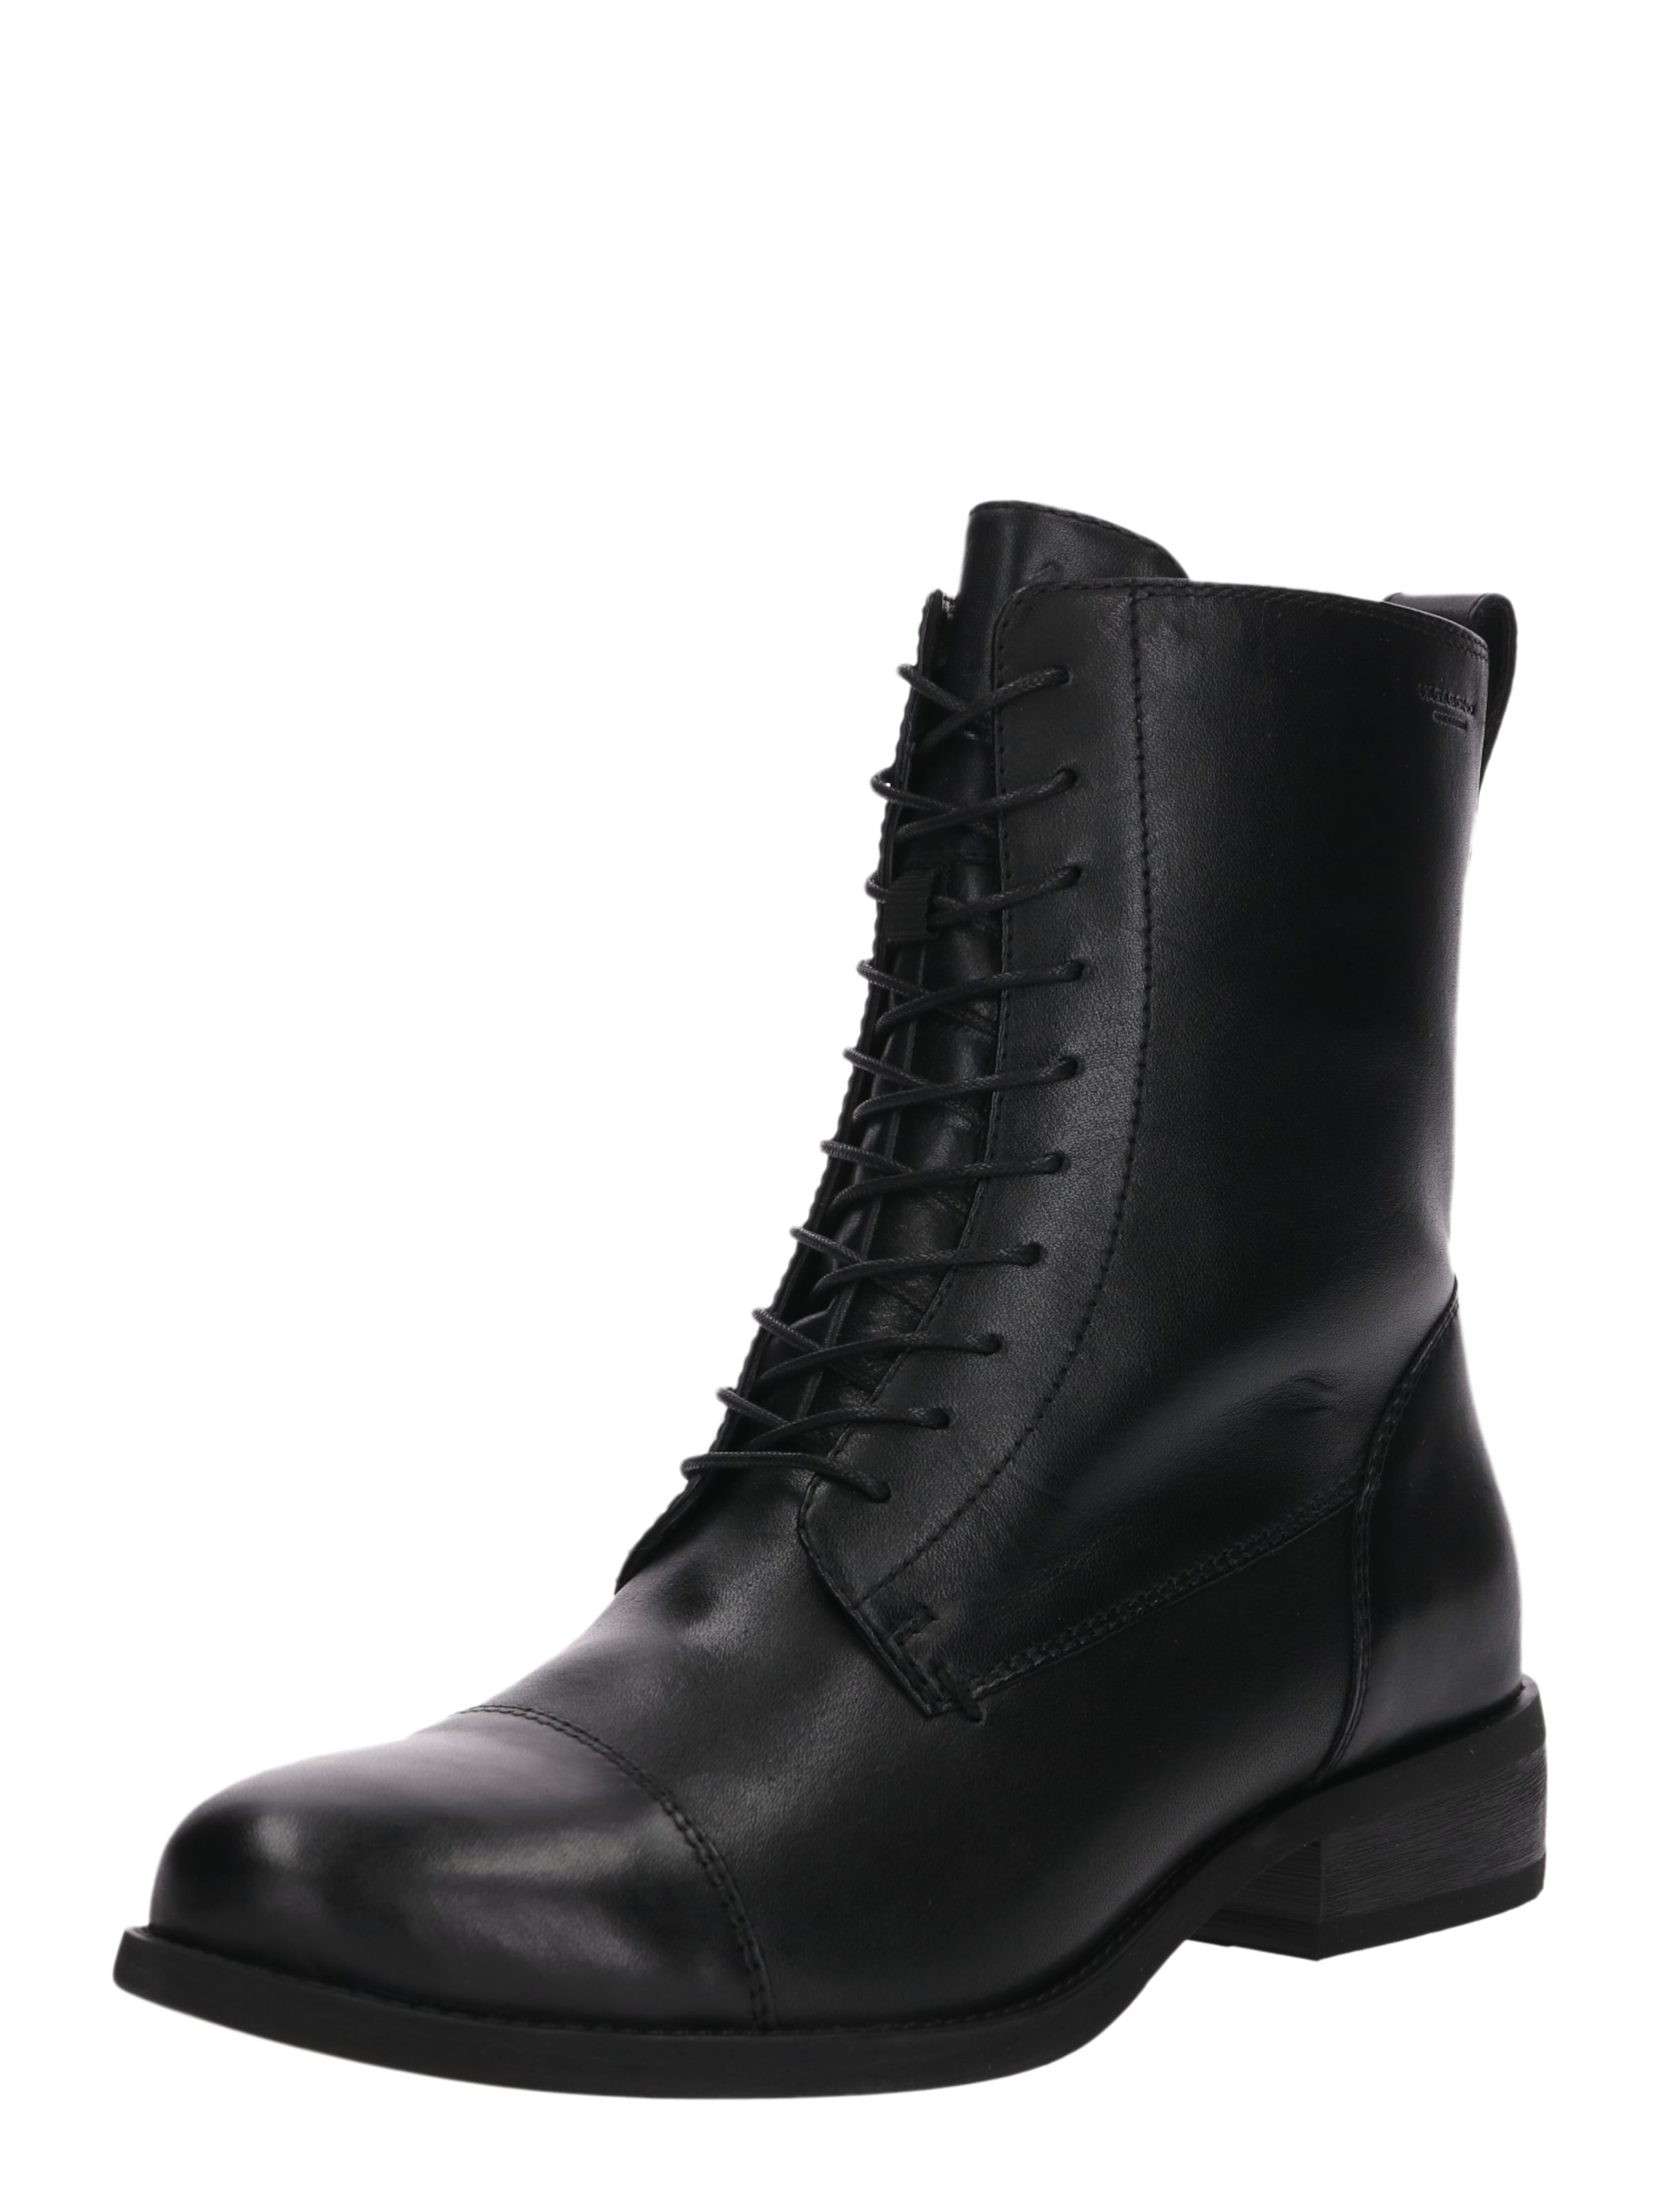 Noir 'cary' En Shoemakers Vagabond À Lacets Bottines 3ARLq5cj4